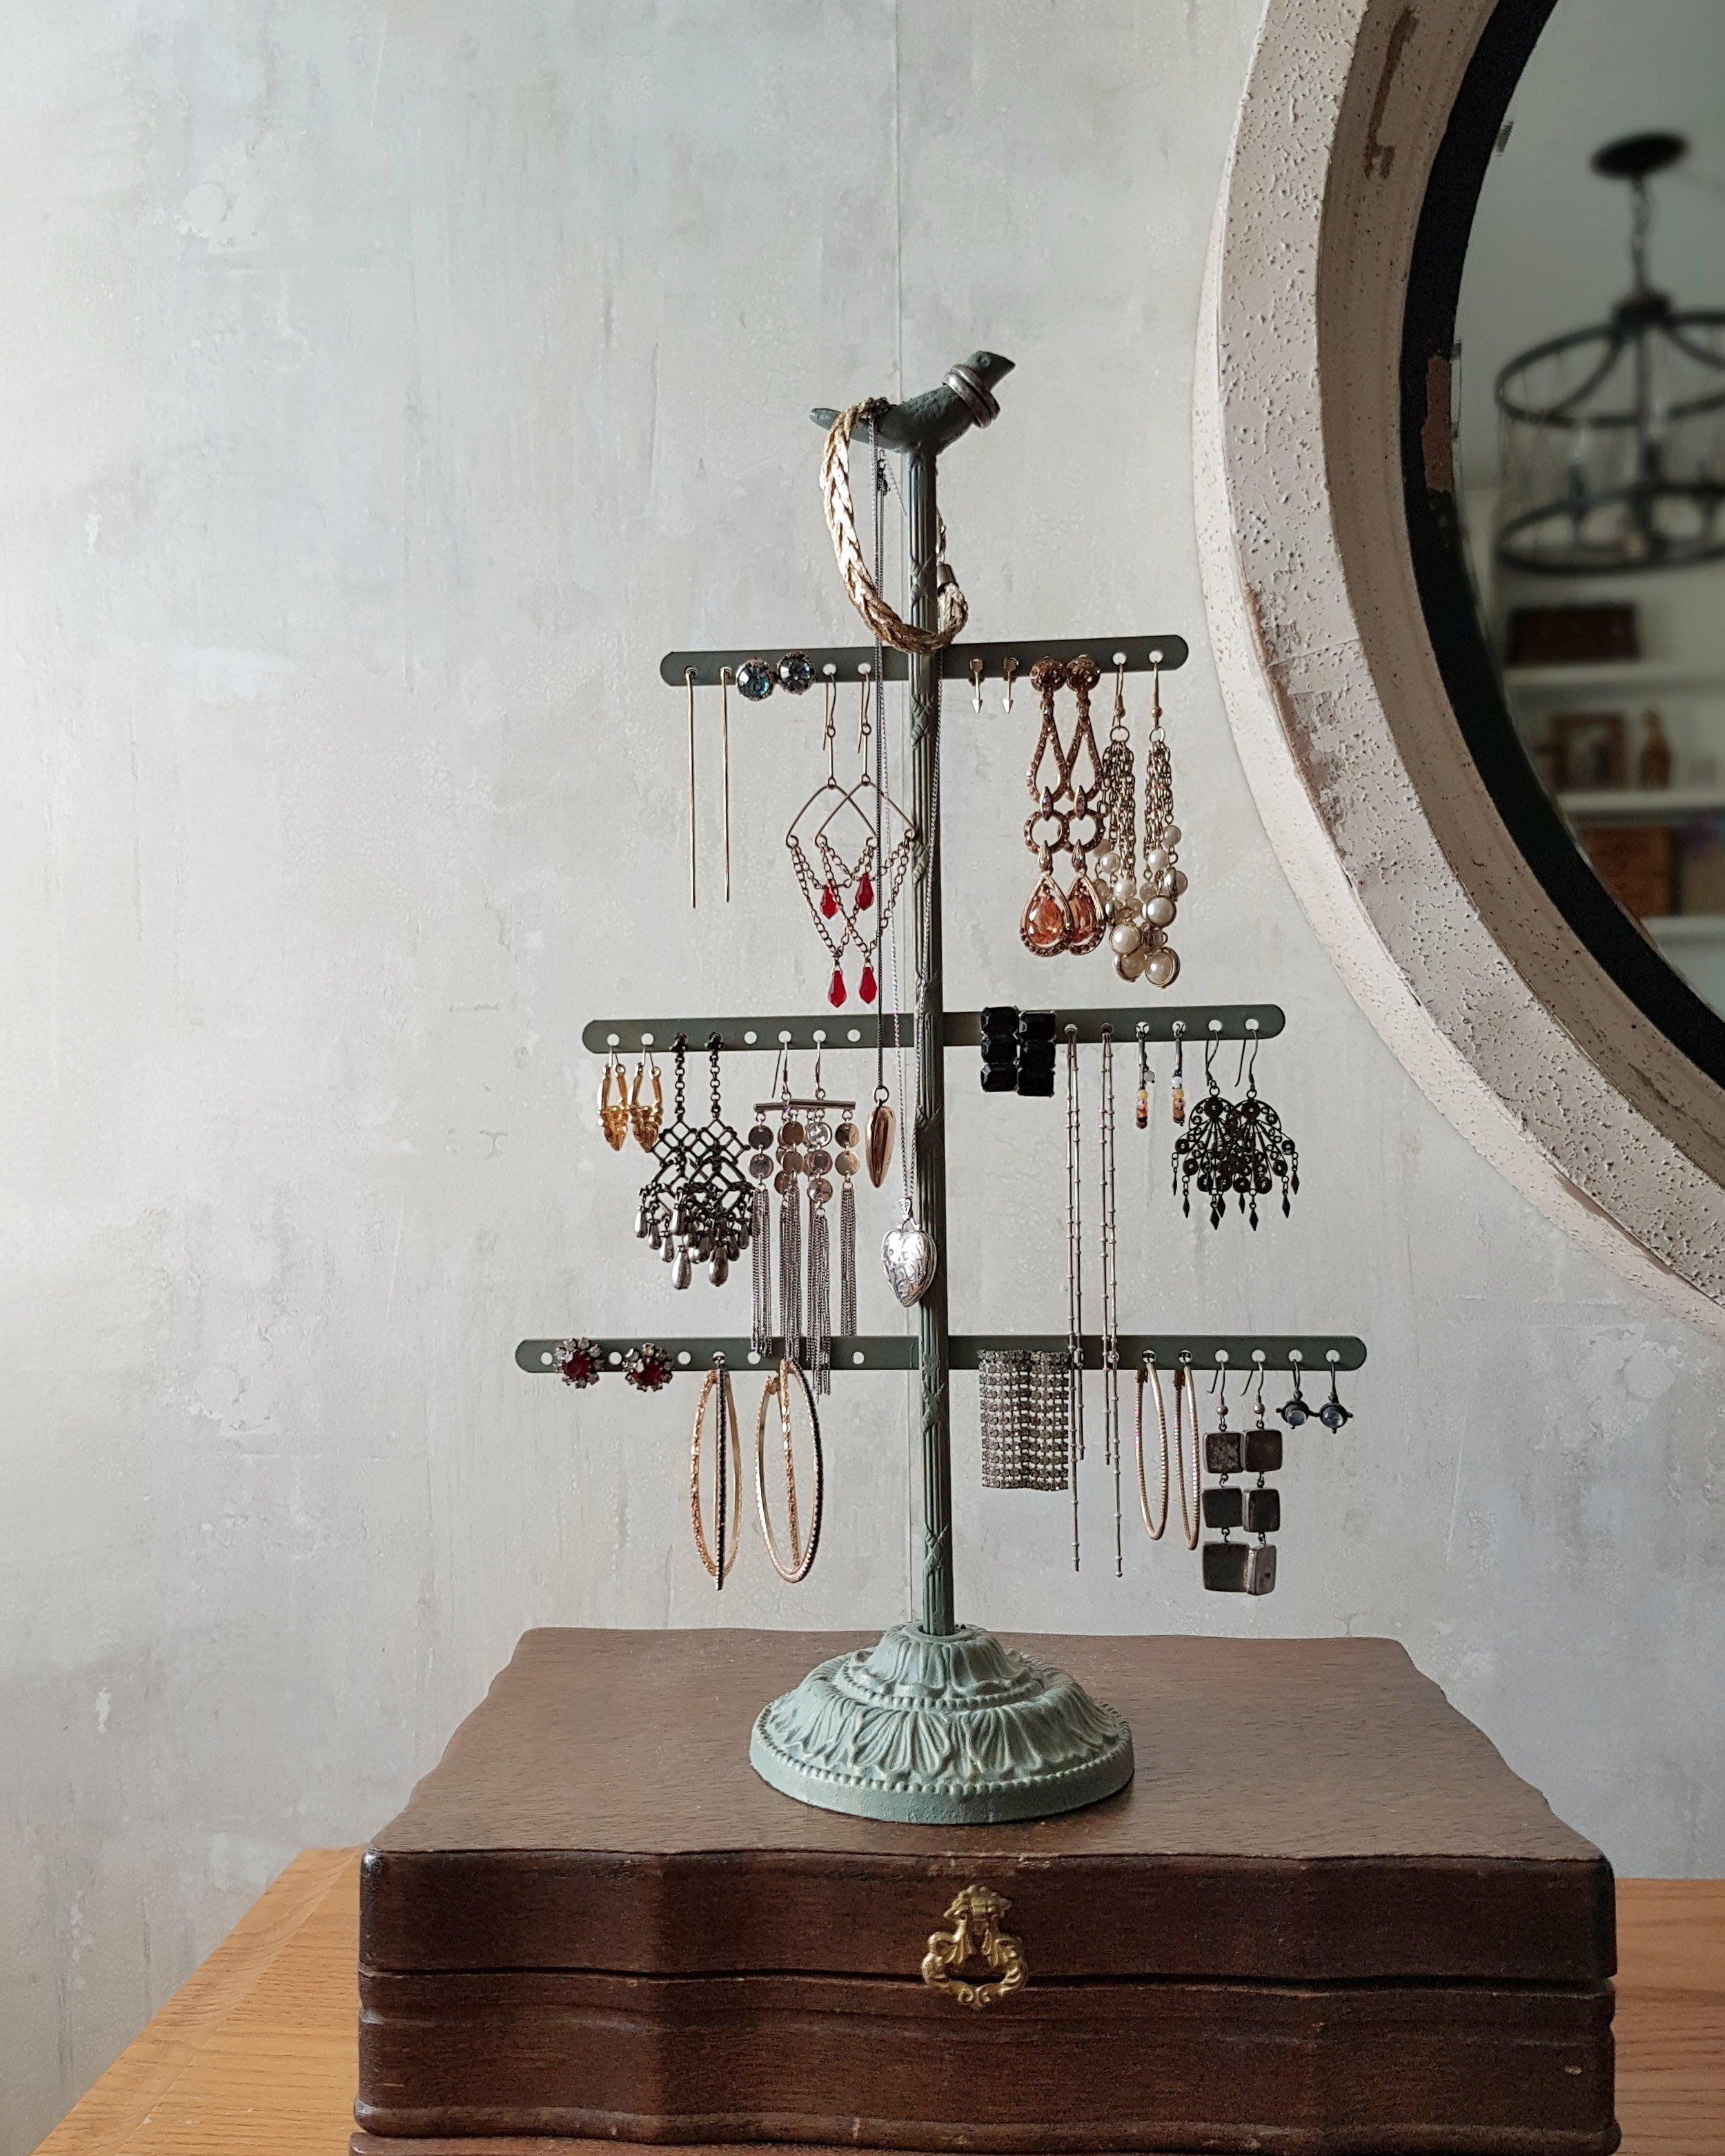 jewellery display ideas 1.jpg